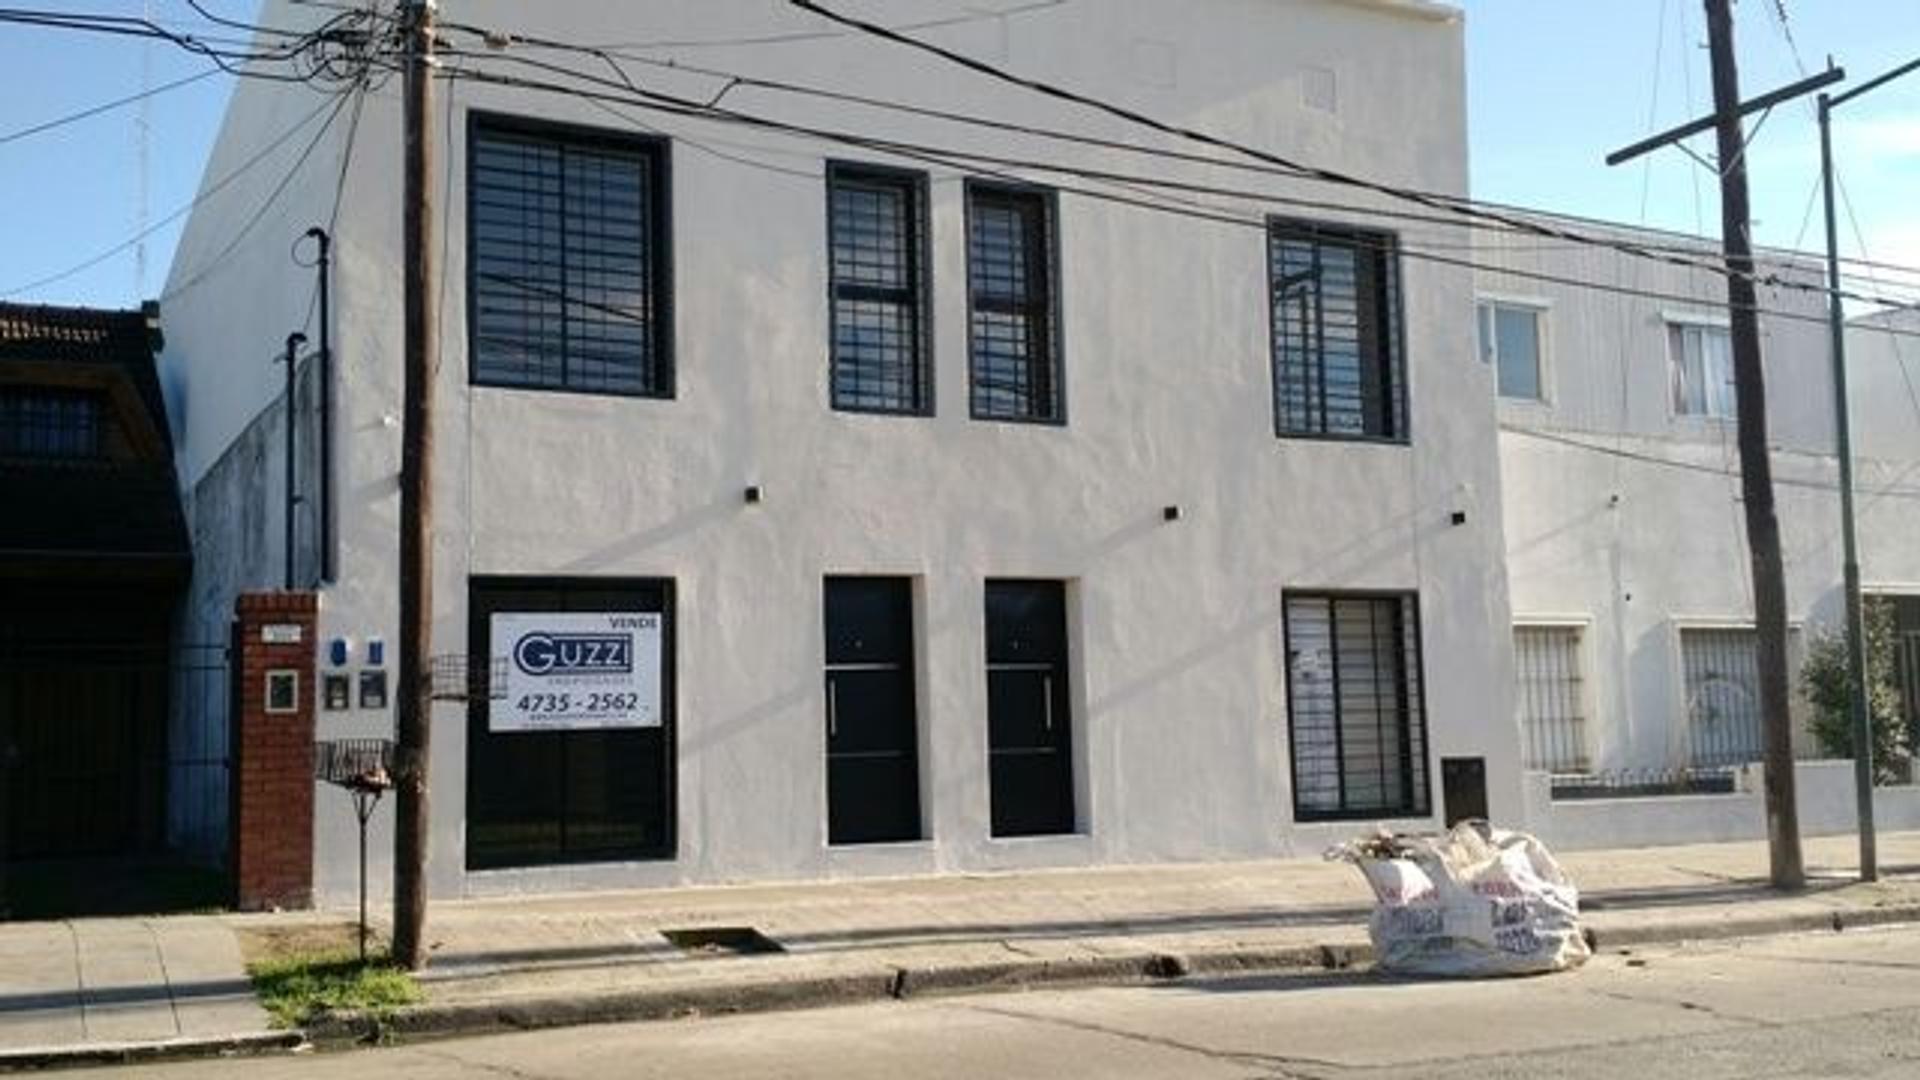 XINTEL(GZI-GZI-464) Casa - Alquiler - Argentina, San Isidro - SALGUERO 629